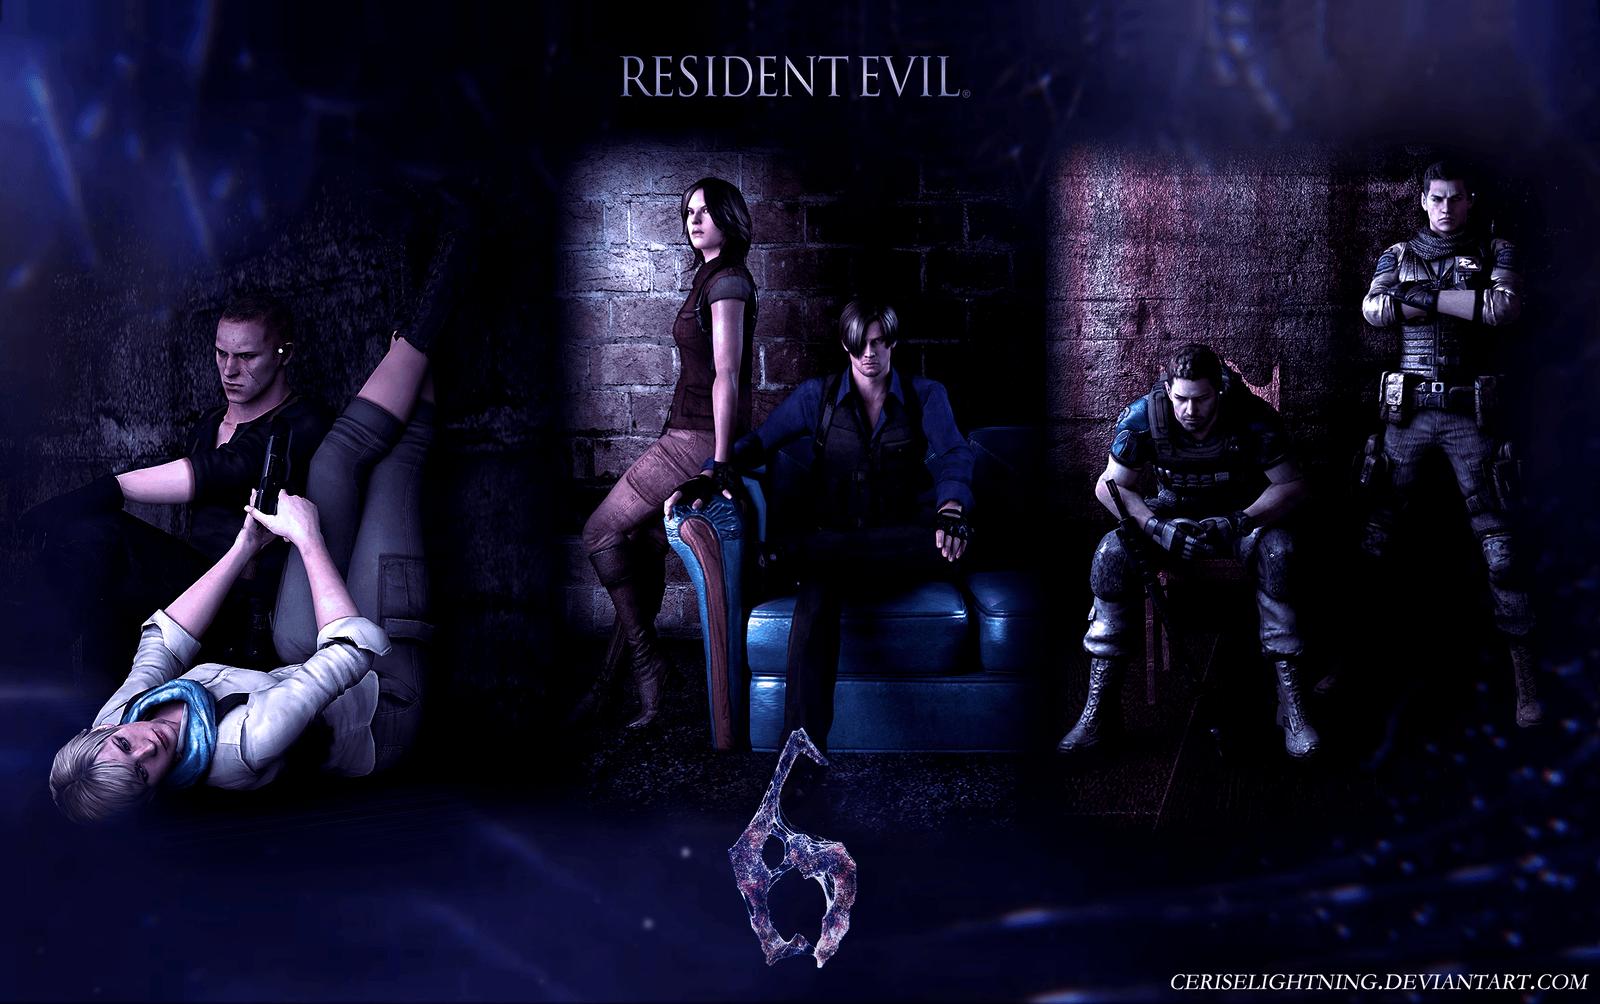 Resident Evil Wallpapers - Top Free Resident Evil